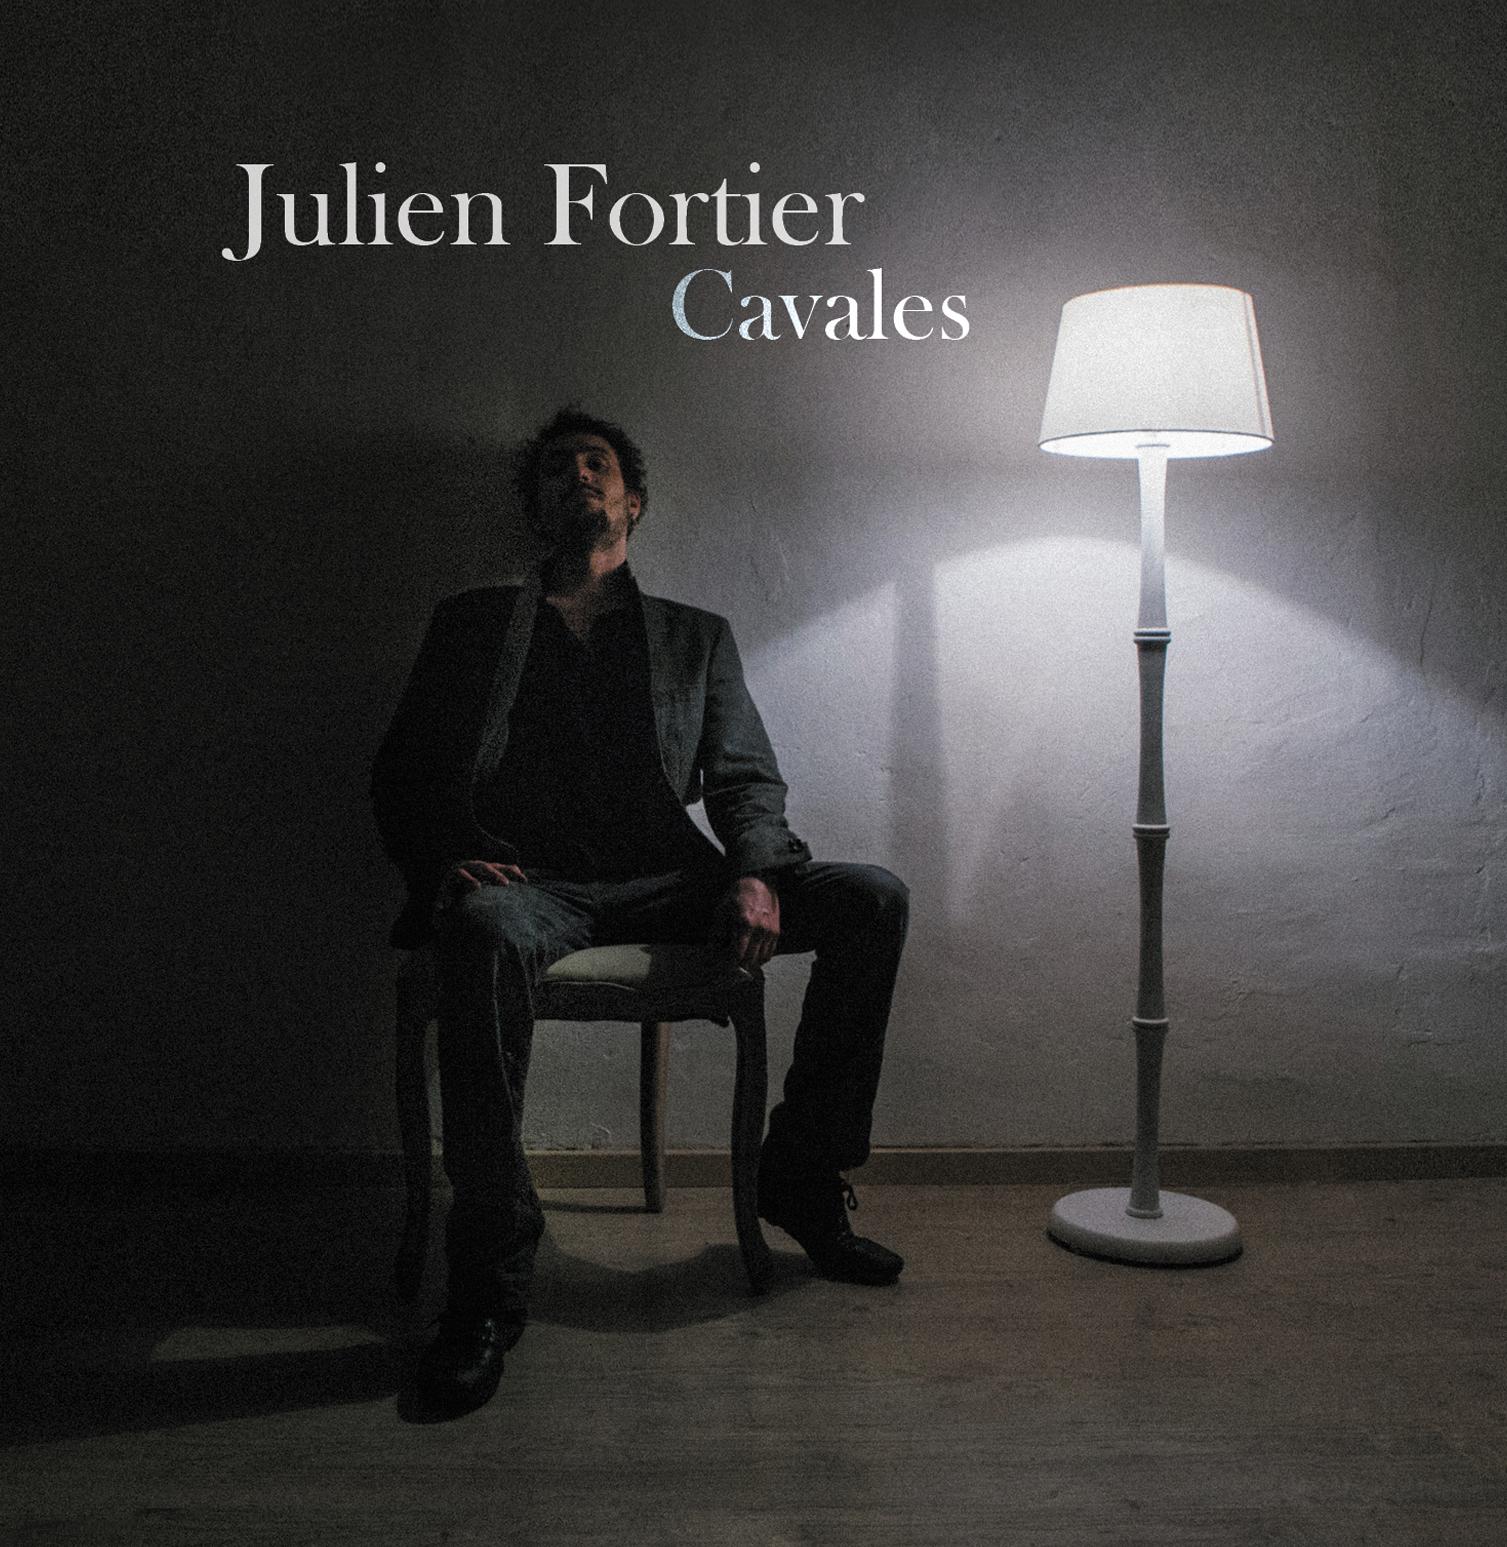 Julien Fortier